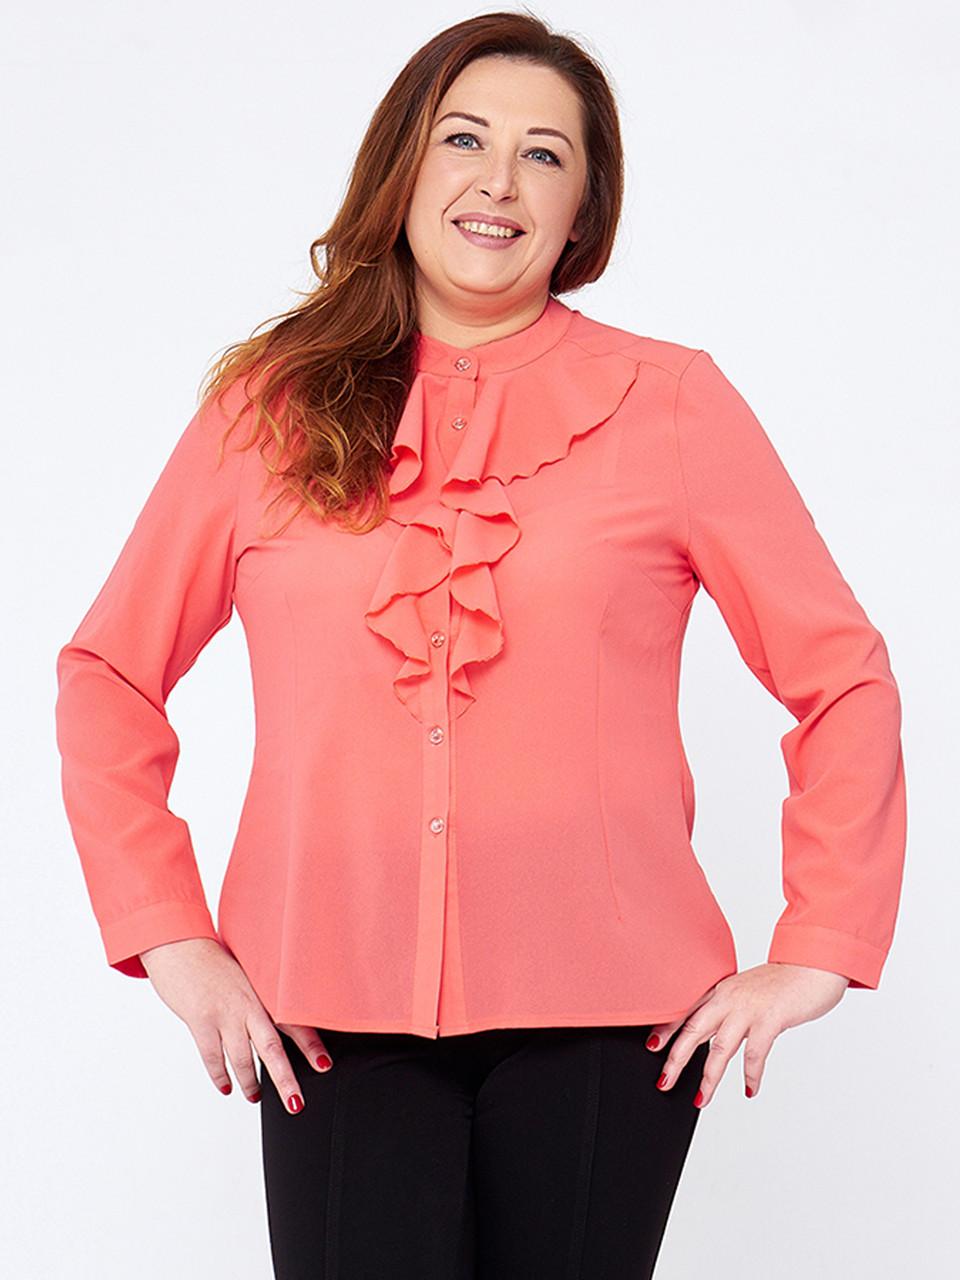 f997944144a Персиковая блузка большие размеры Рейна (XL-5XL) - 440 грн. Купить в ...